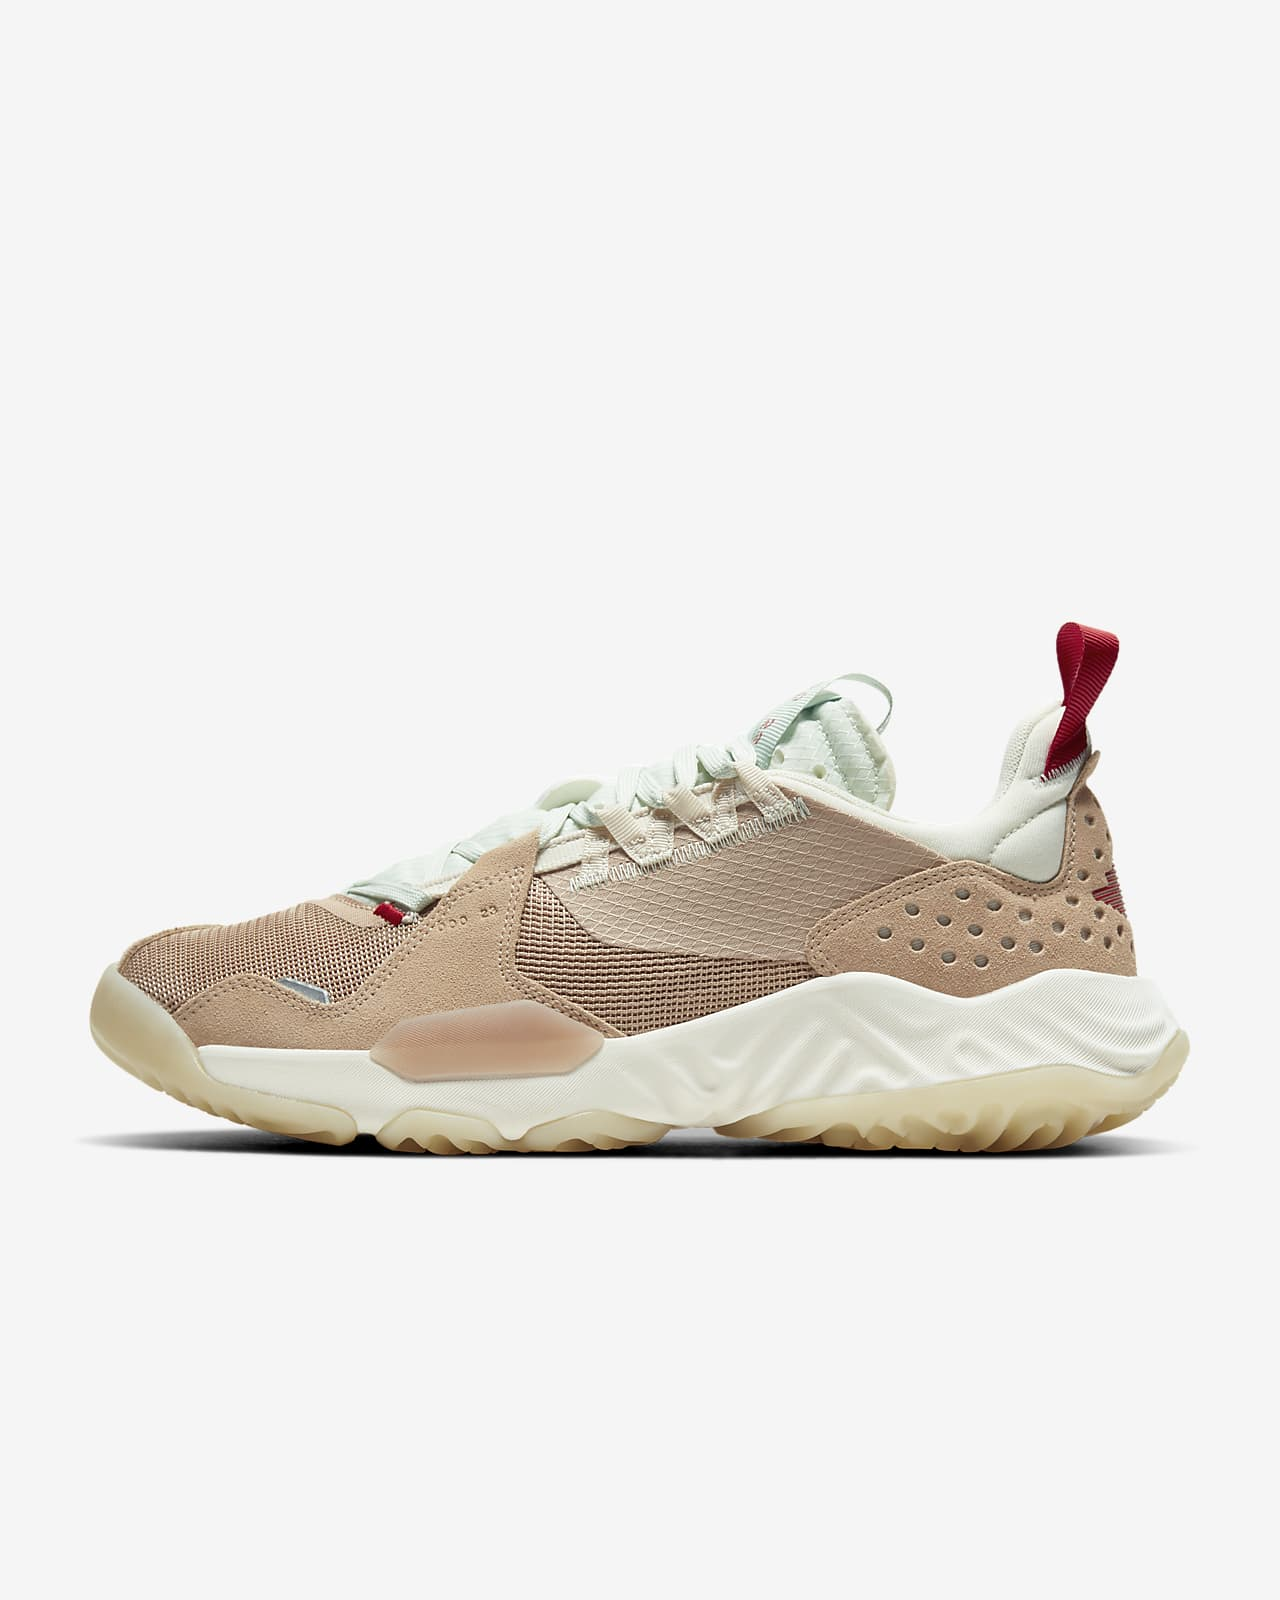 รองเท้าผู้ชาย Jordan Delta